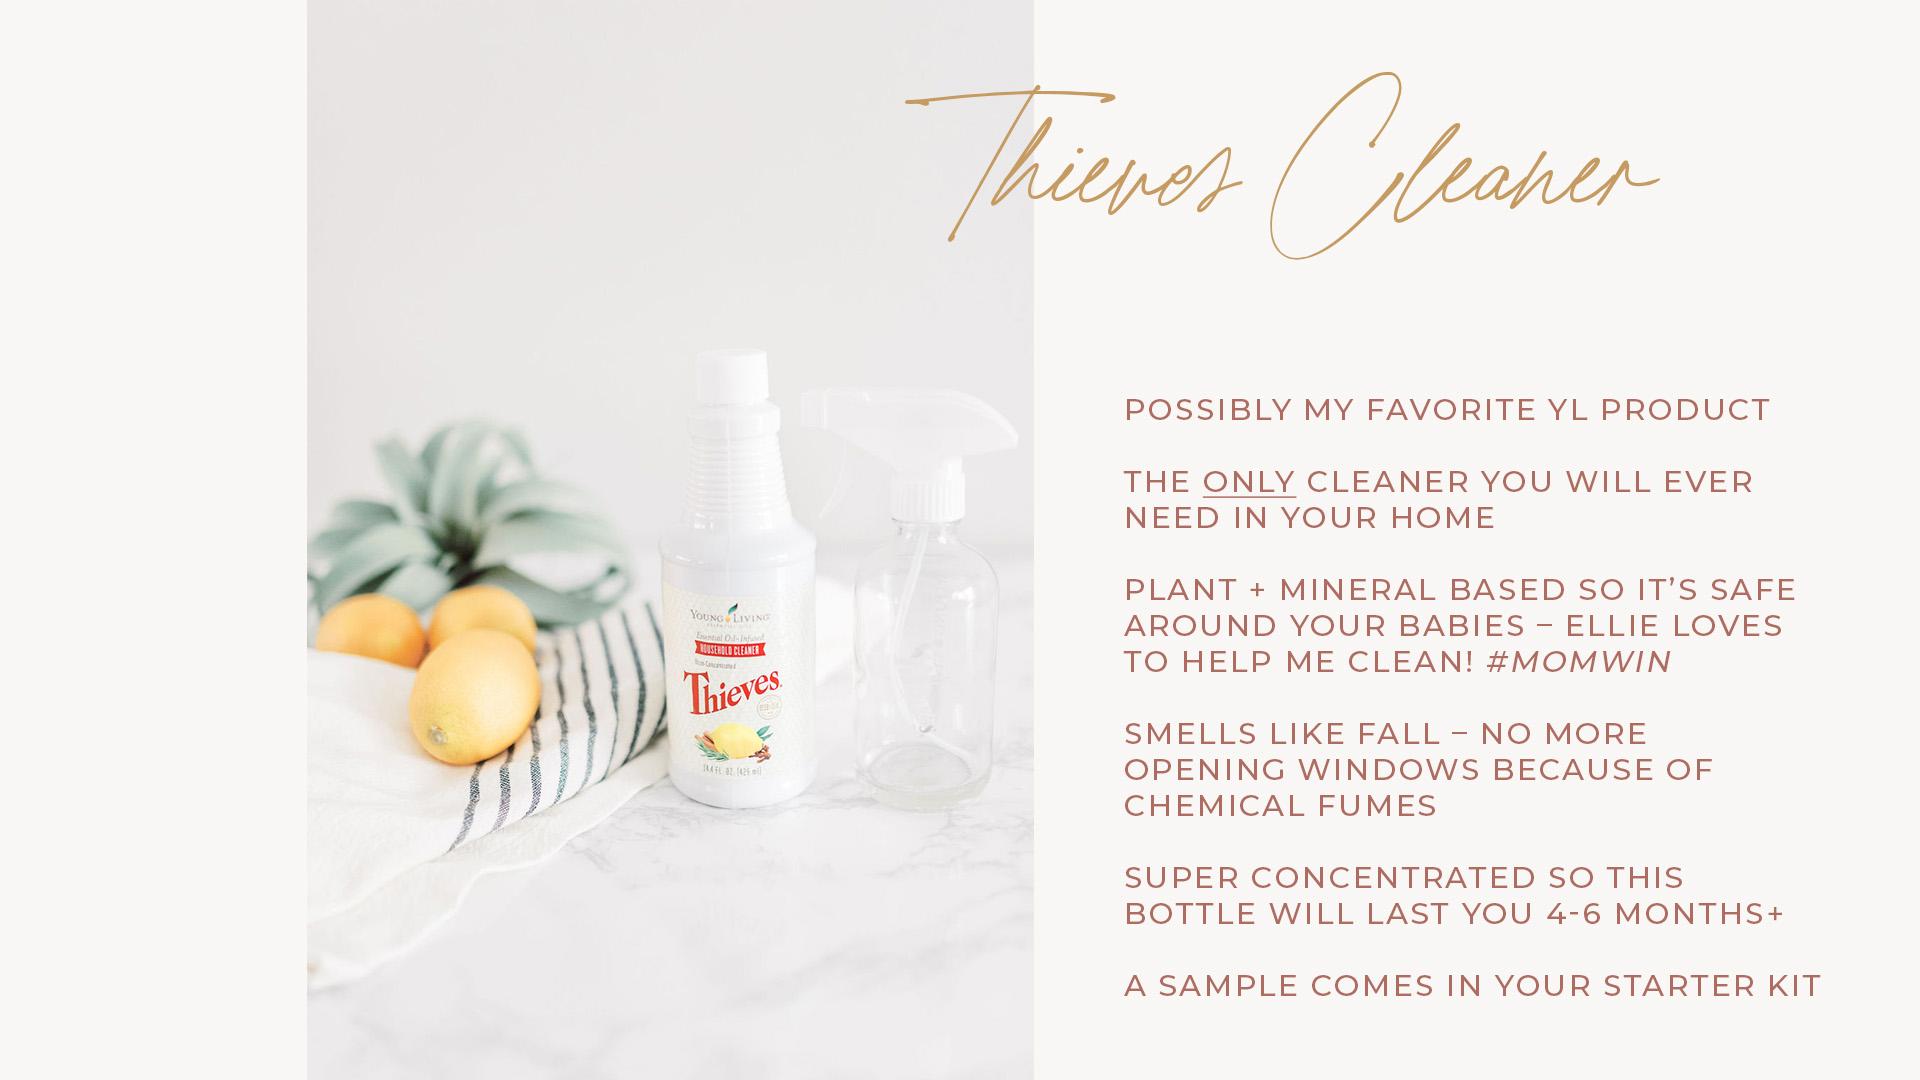 YL-favorites-thieves-cleaner.jpg